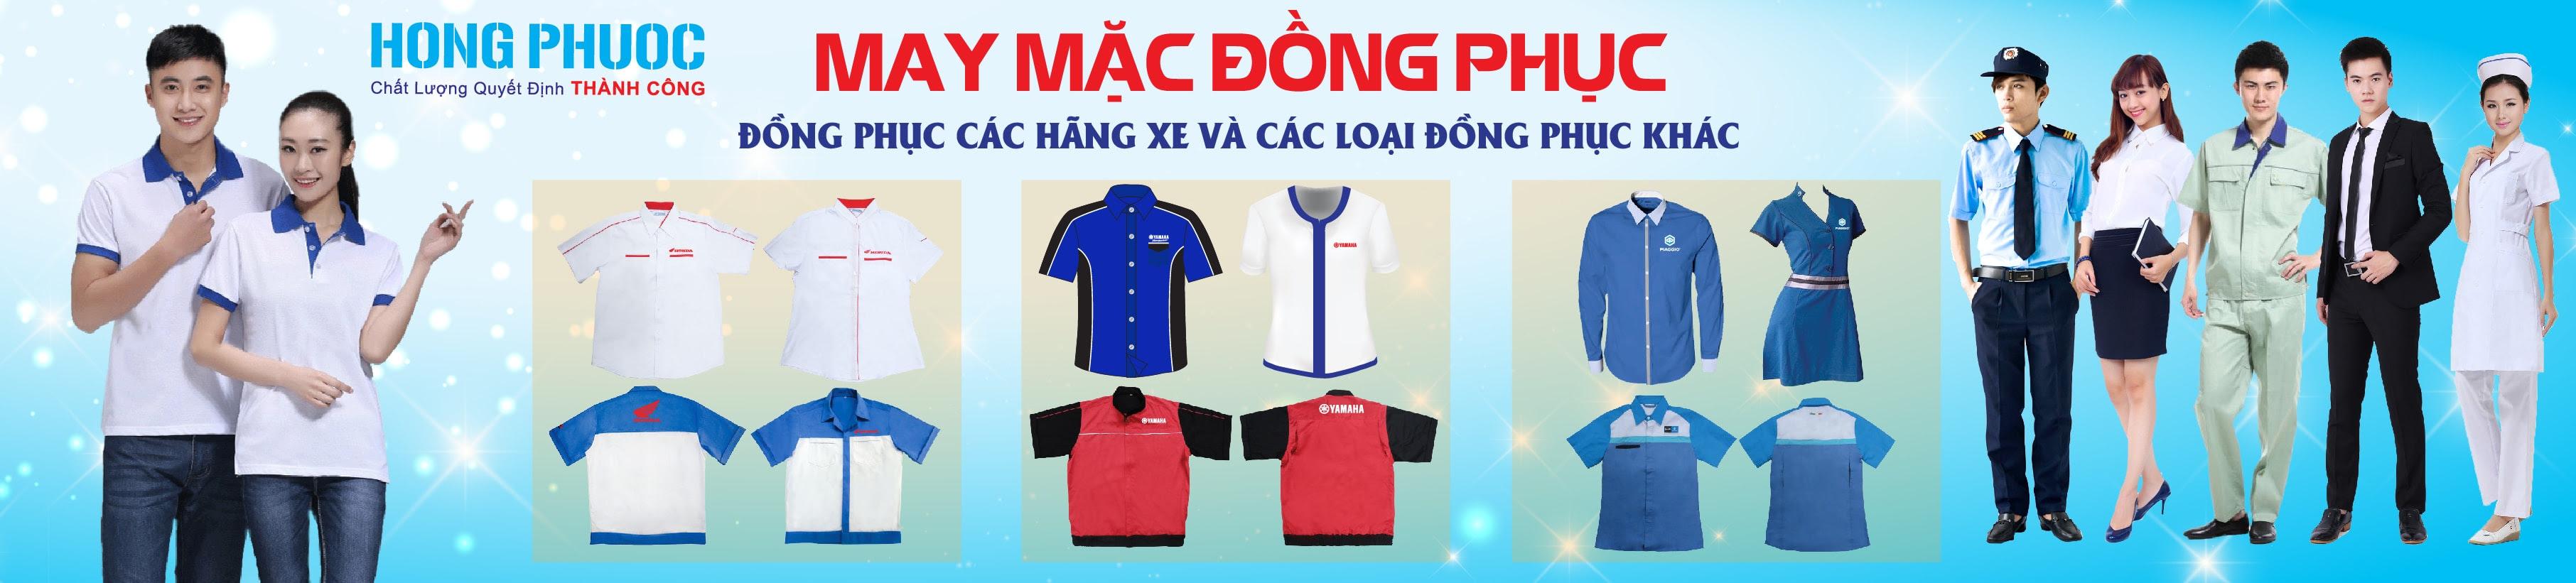 Công ty TNHH TM DV SX Hồng Phước chuyên cung cấp sỉ & lẻ các loại đồng phục dành cho công sở, bảo vệ, đồng phục, honda, cung c